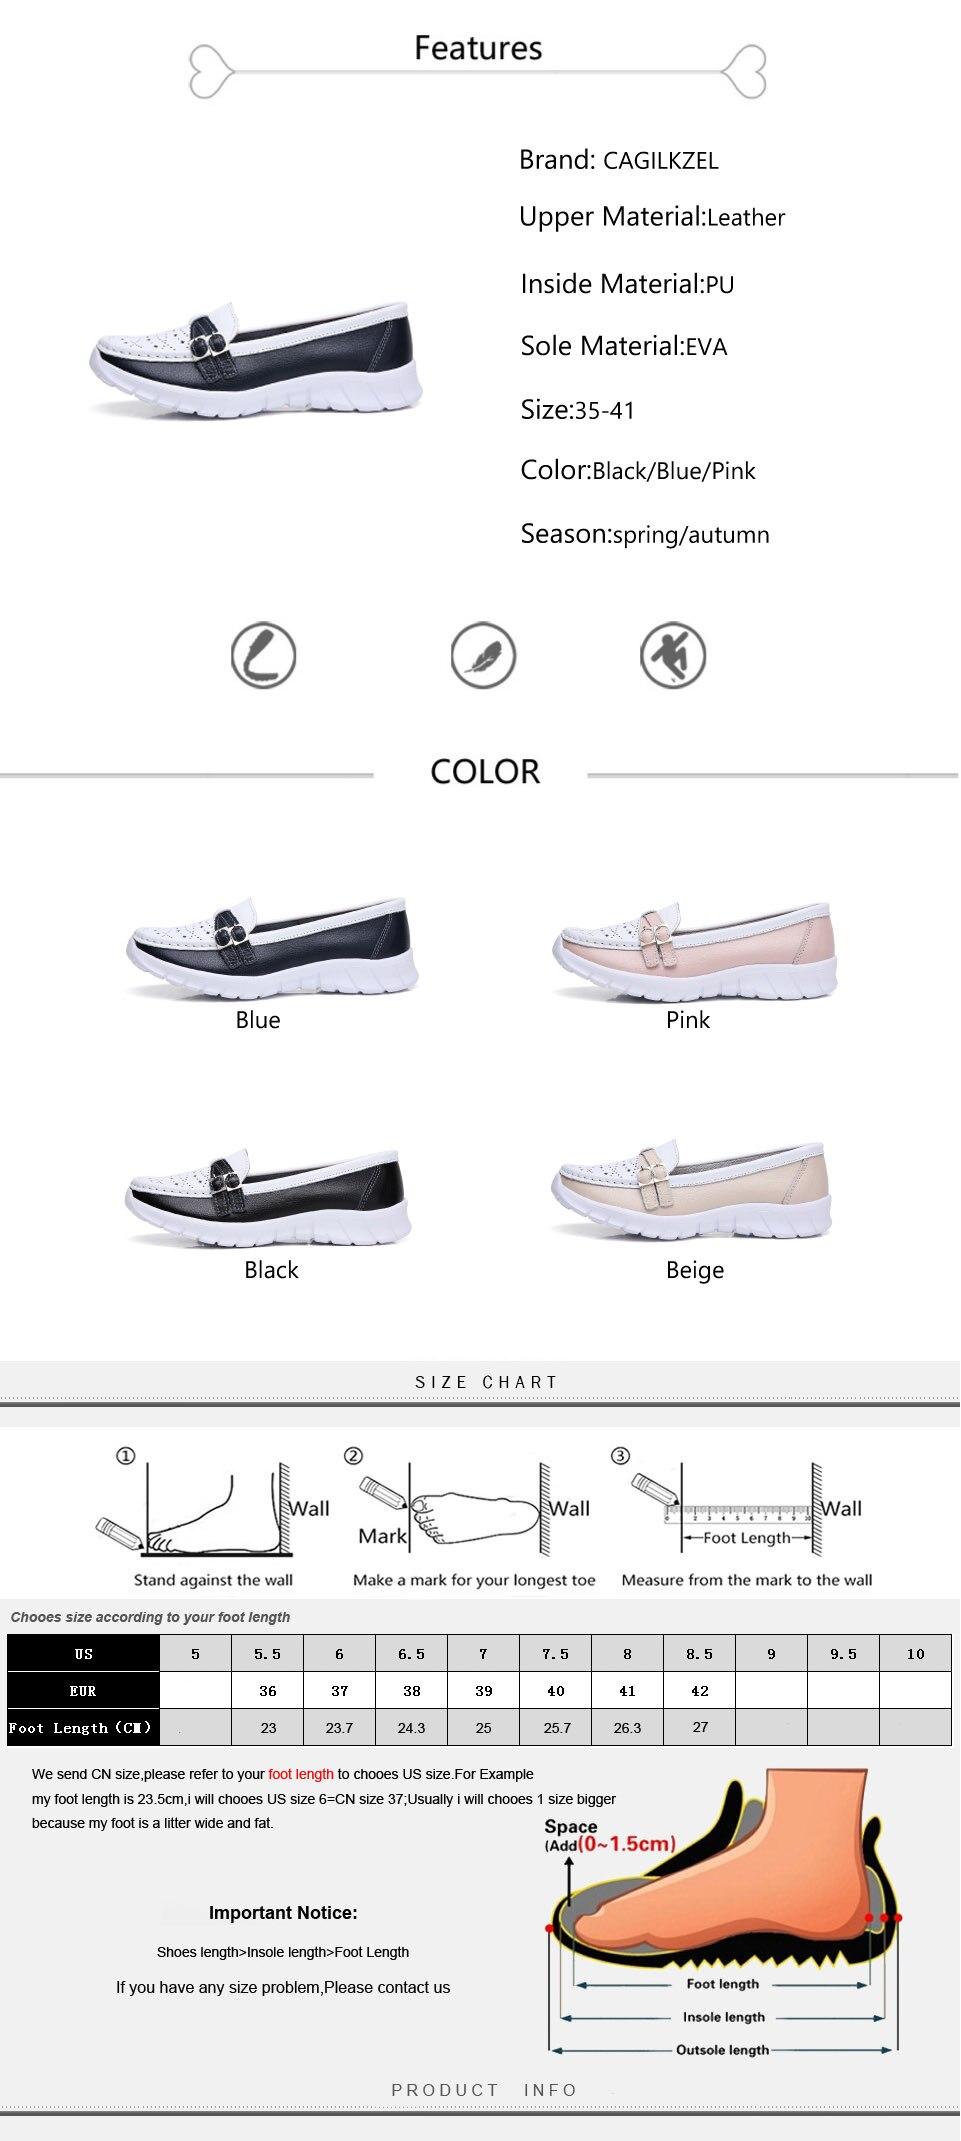 女鞋详情排版-01